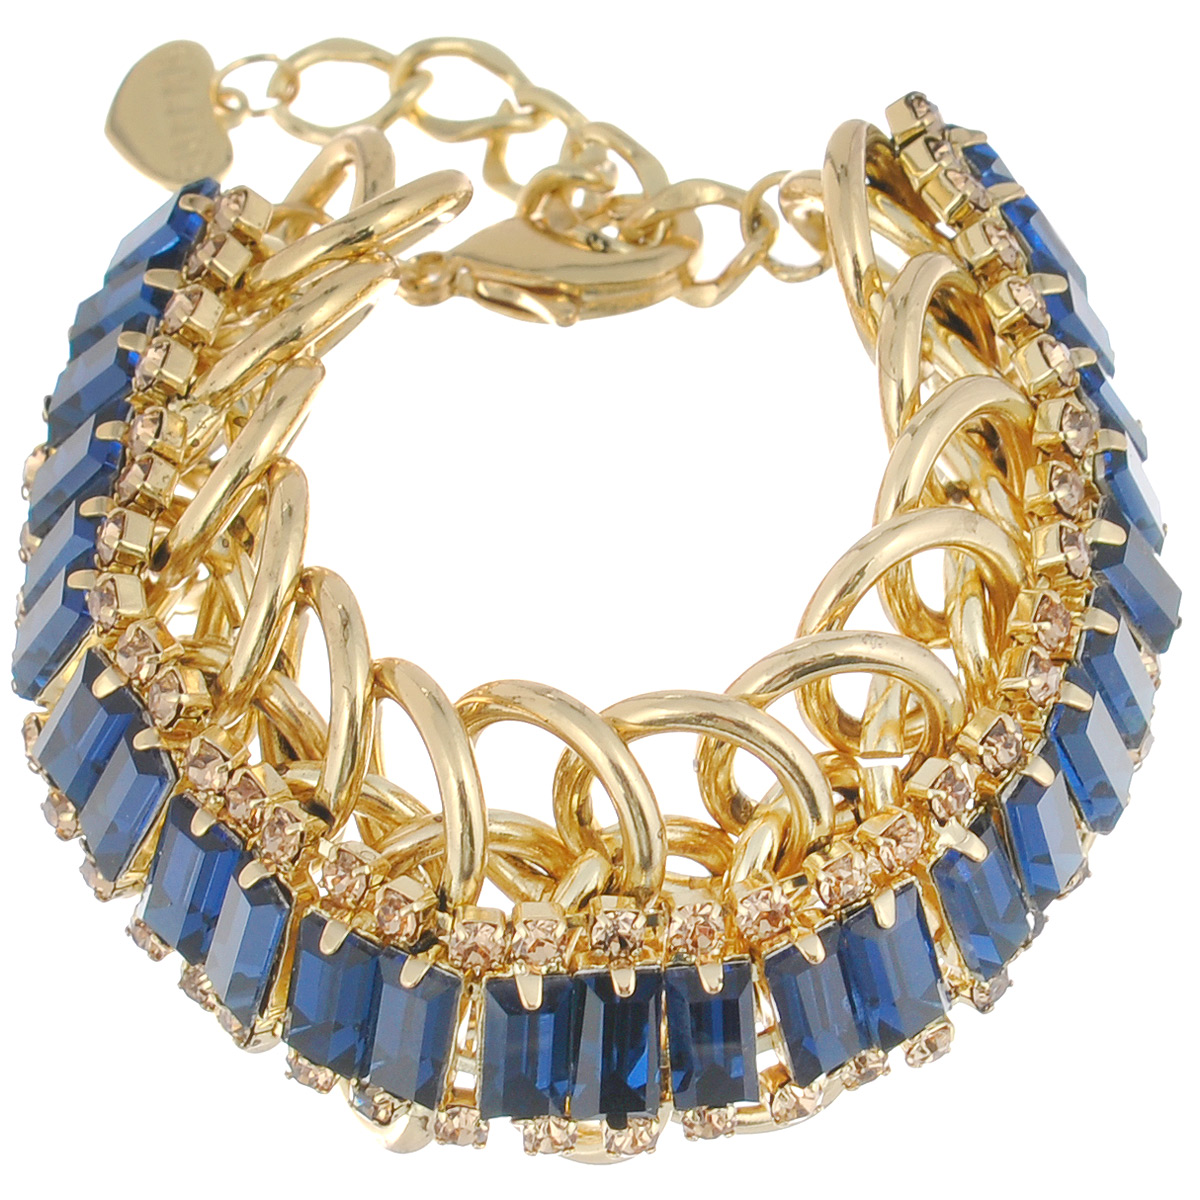 Браслет Selena Holiday, цвет: синий, золотистый. 40049330Колье (короткие одноярусные бусы)Браслет Selena Holiday выполнен из металлических звеньев с гальваническим покрытием золотом и декорирован вставками из ювелирного стекла и стразами Swarovski.Коллекция Holiday – это украшения в стиле высокой моды. Возникает ощущение, что при создании их дизайнеры черпали вдохновение из того же источника, что и такие законодатели ювелирной моды, как Shourouk и Dannij.